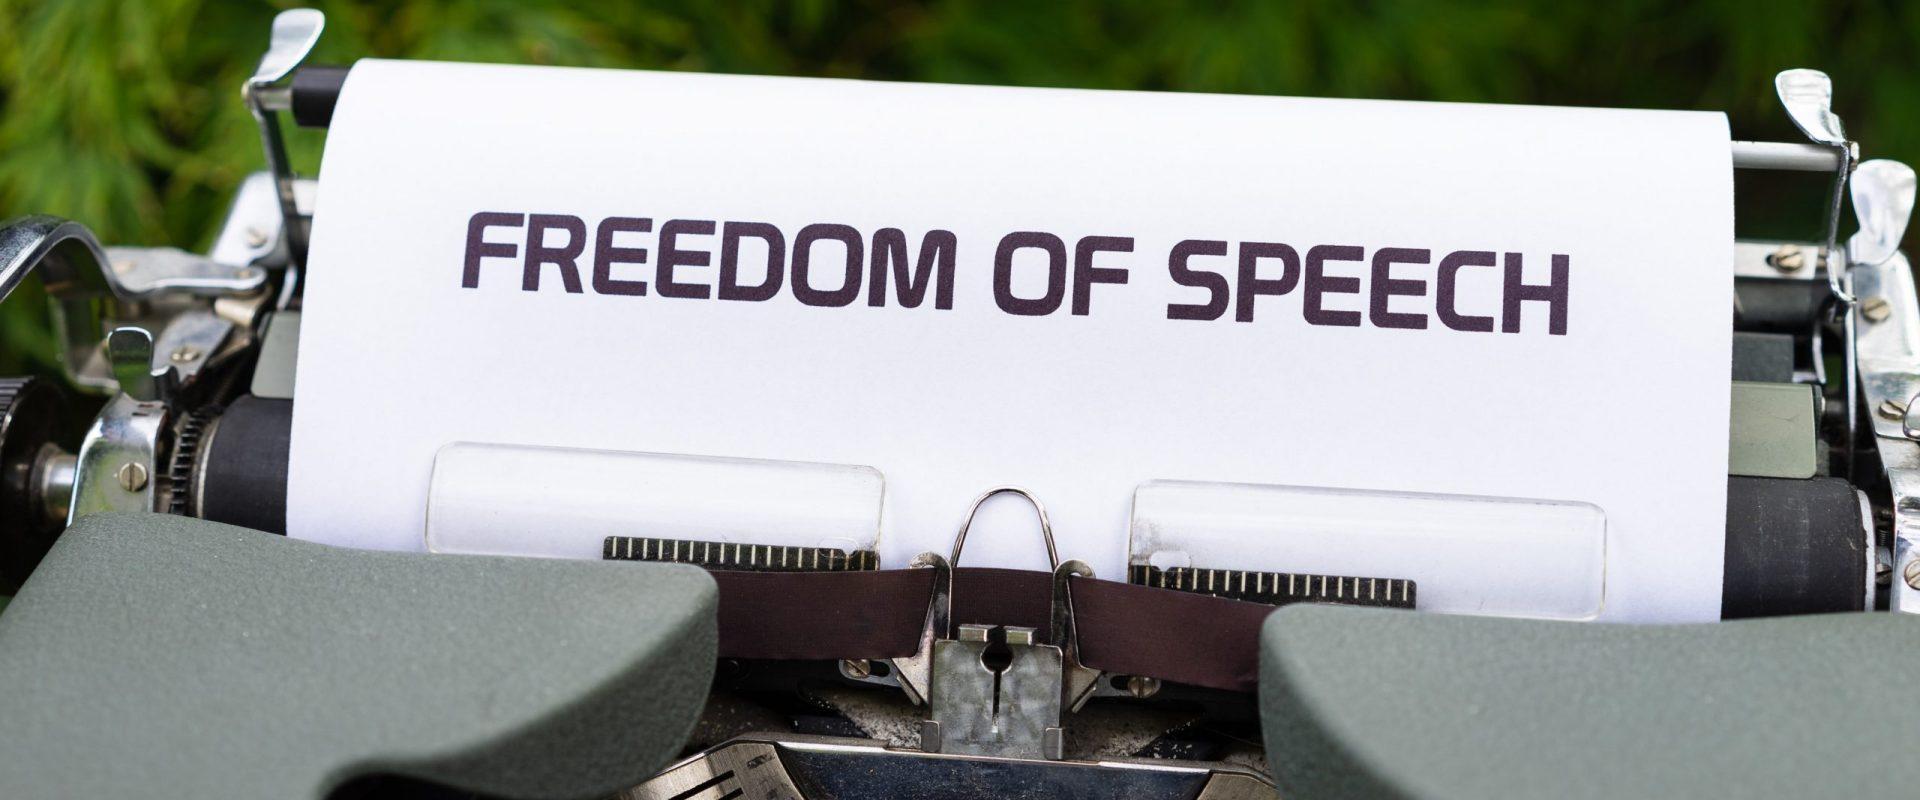 Permalink zu:Julian Assange, die Pressefreiheit und die USA, Falter Maily, 7.1.2021